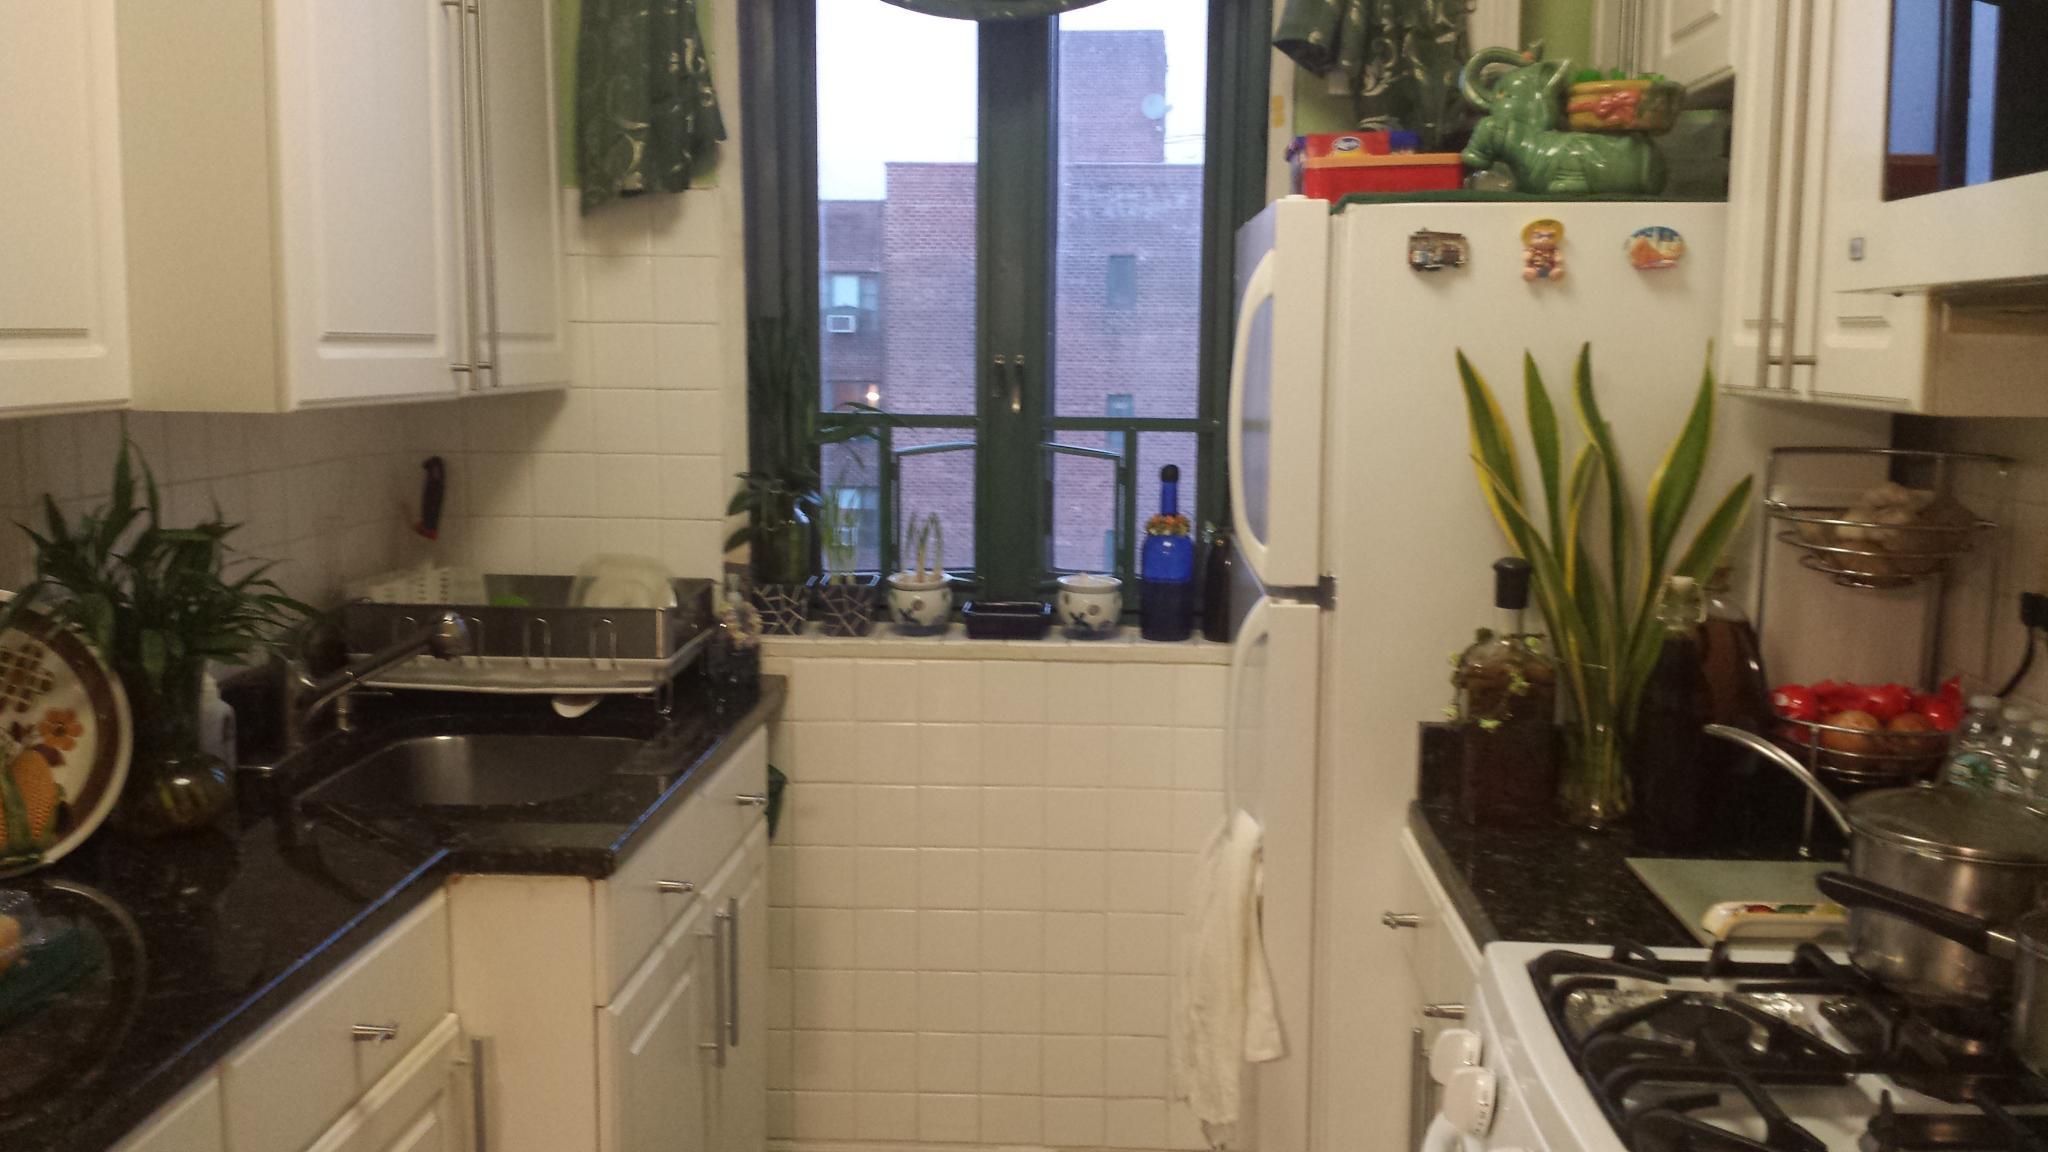 1670 Metropolitan Ave 7 Bronx Ny 10462 2 Bed 1 Bath 13 Photos Trulia